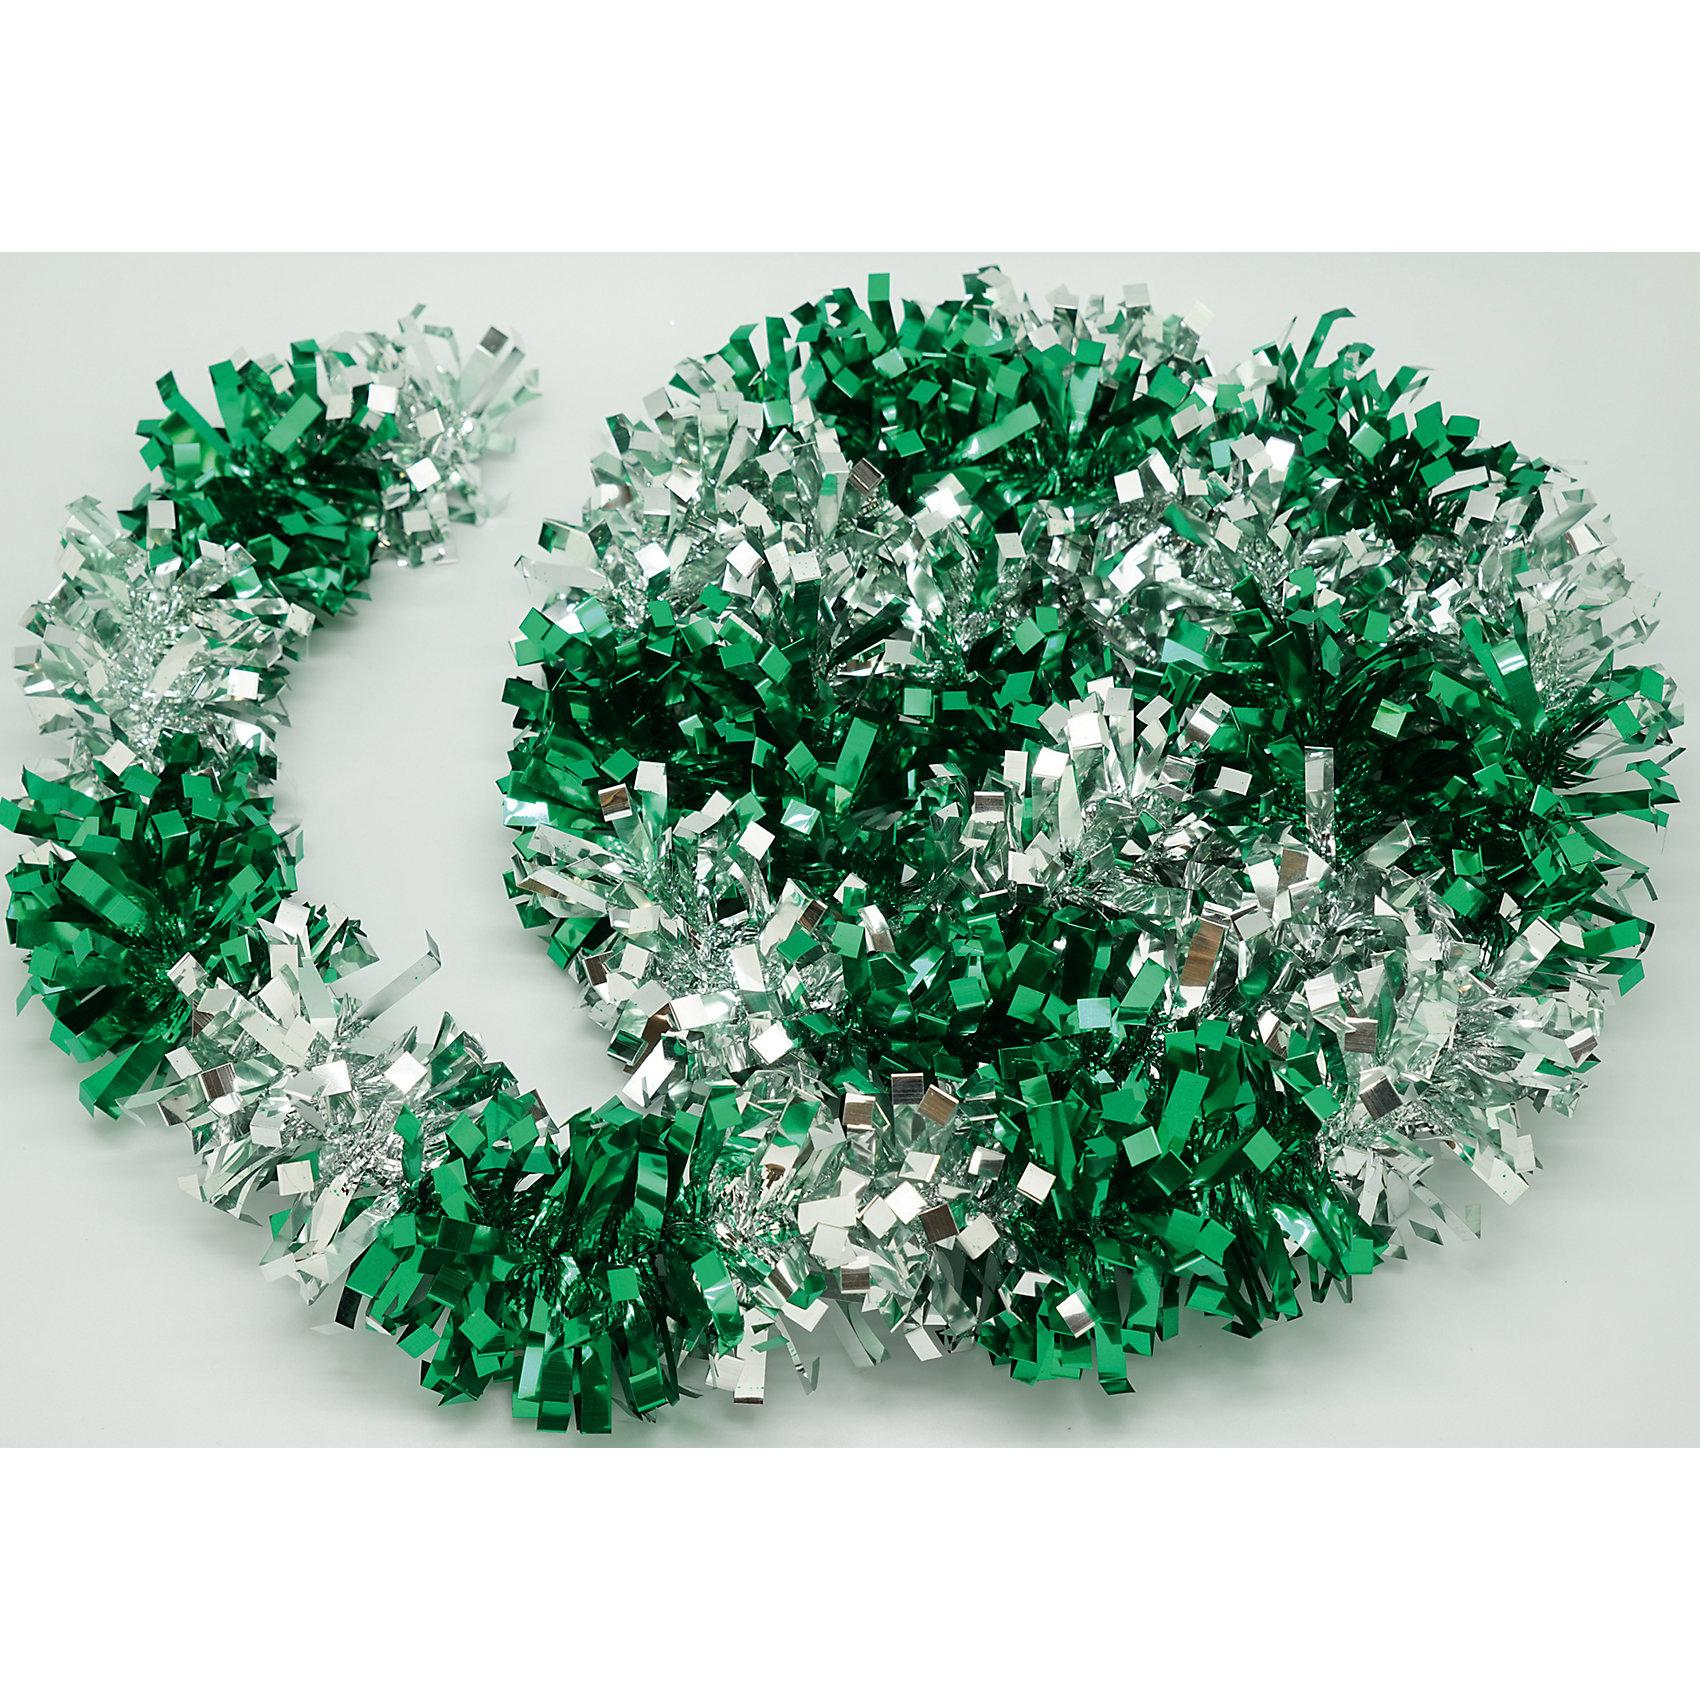 Новогодняя мишура, зеленый с серебром 9х200Всё для праздника<br>Мишура новогодняя зеленый с серебром 9х200 арт.16500  Мишура идеально подойдет для оформления Вашего новогоднего праздника.<br>Из Мишуры очень просто воплотить Ваши дизайнерские идеи в  жизнь, благодаря тонкой проволке внутри, мишура легко принимает ту форму, которую Вам необходимо. Удачи в Ваших Новогодних задумках!<br><br>Ширина мм: 2000<br>Глубина мм: 90<br>Высота мм: 90<br>Вес г: 50<br>Возраст от месяцев: 72<br>Возраст до месяцев: 480<br>Пол: Унисекс<br>Возраст: Детский<br>SKU: 5051665